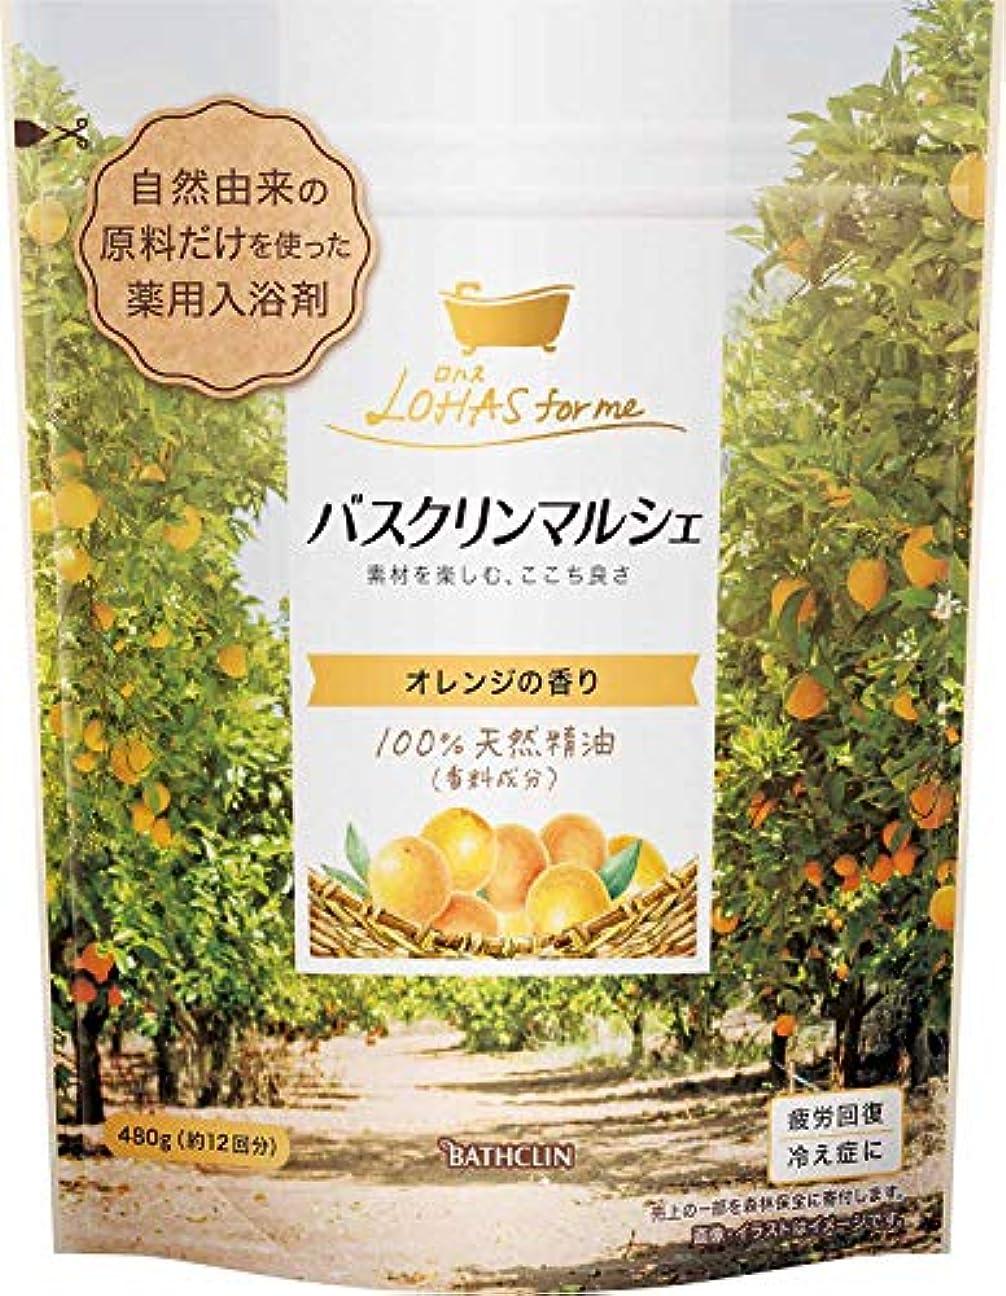 【医薬部外品/合成香料無添加】バスクリンマルシェ入浴剤 オレンジの香り480g 自然派ほのかなやさしい香り